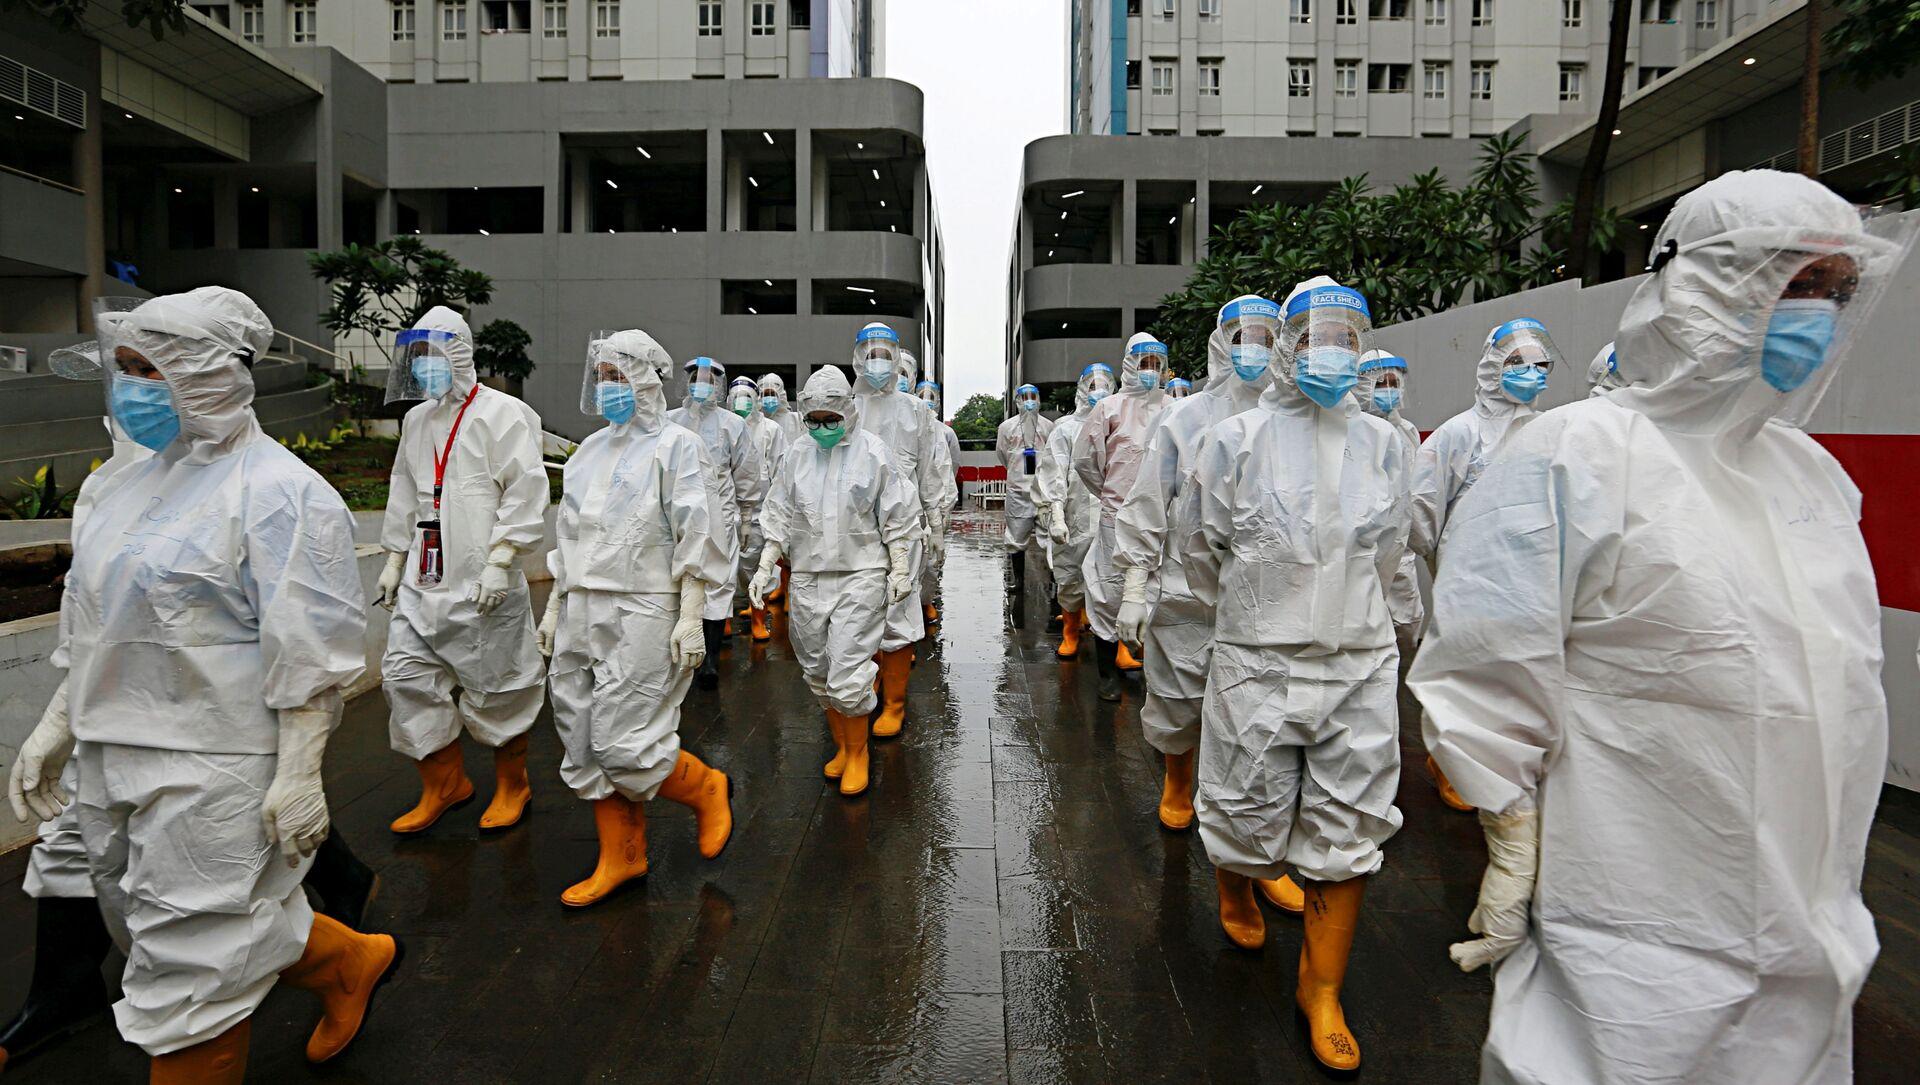 Медицинские работники в средствах индивидуальной защиты в Джакарте, Индонезия - Sputnik Узбекистан, 1920, 16.02.2021